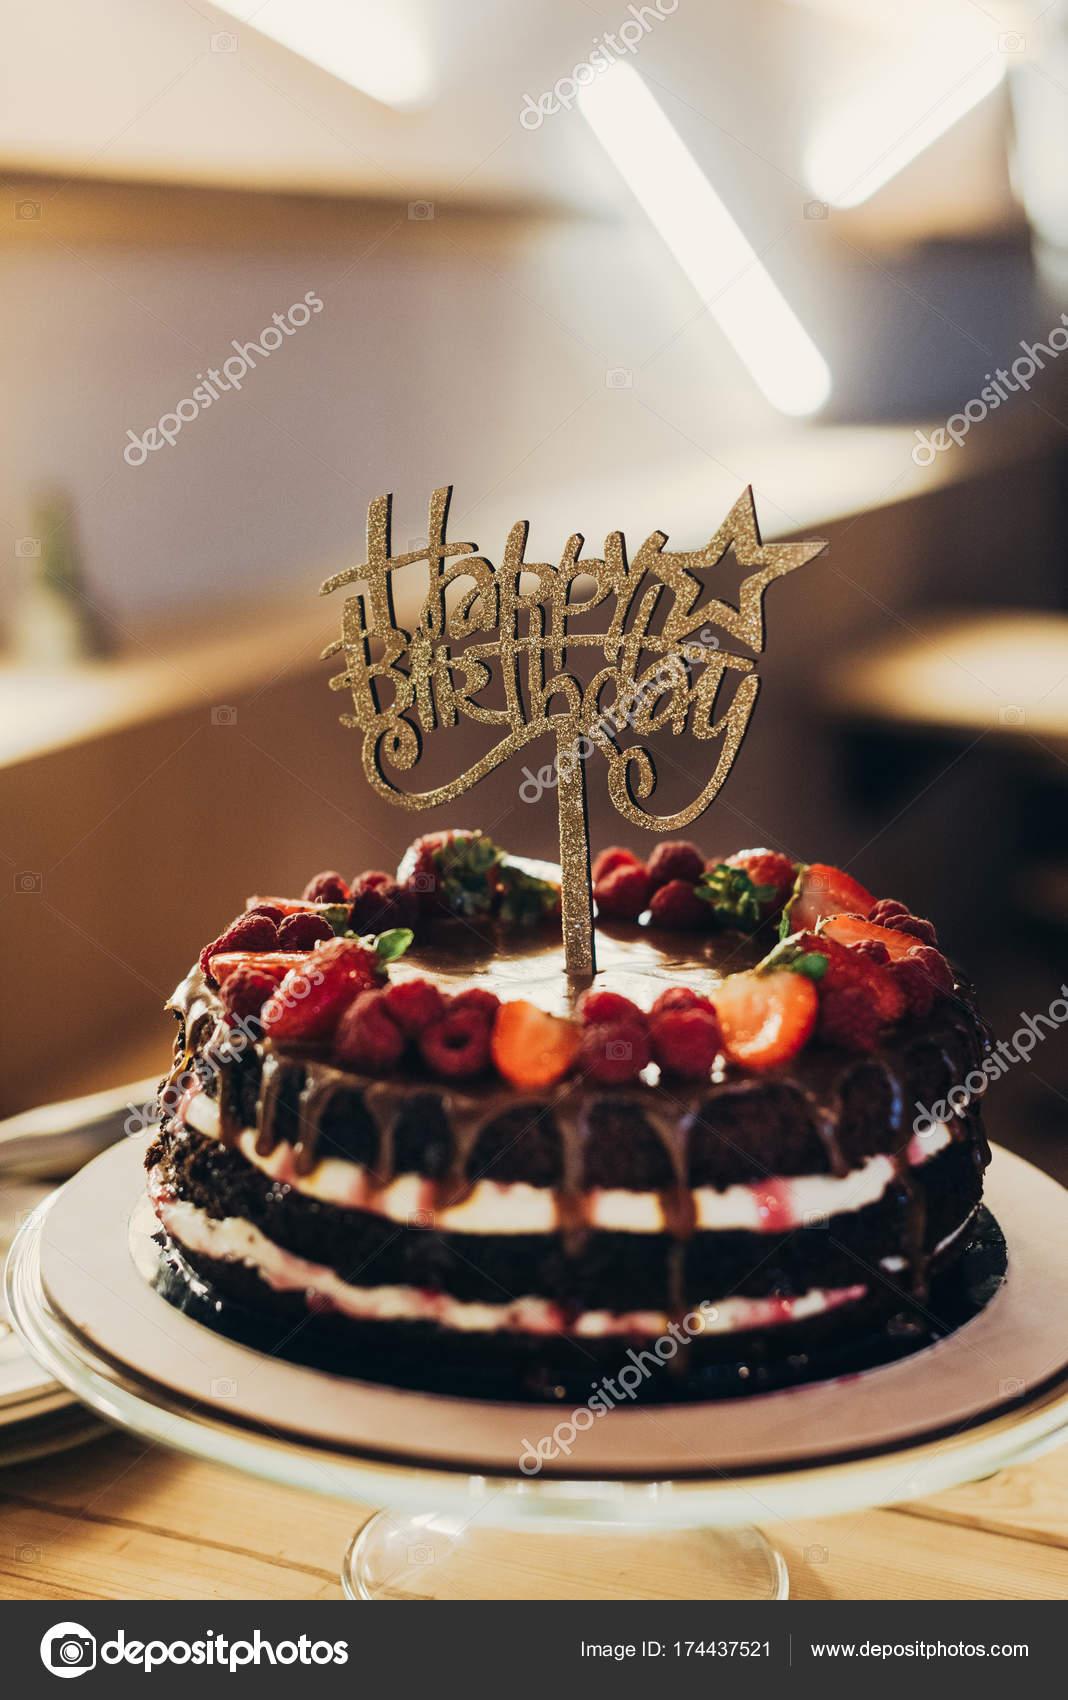 nápis na dort k narozeninám Šťastné narozeniny nápis na čokoládový dort — Stock Fotografie  nápis na dort k narozeninám